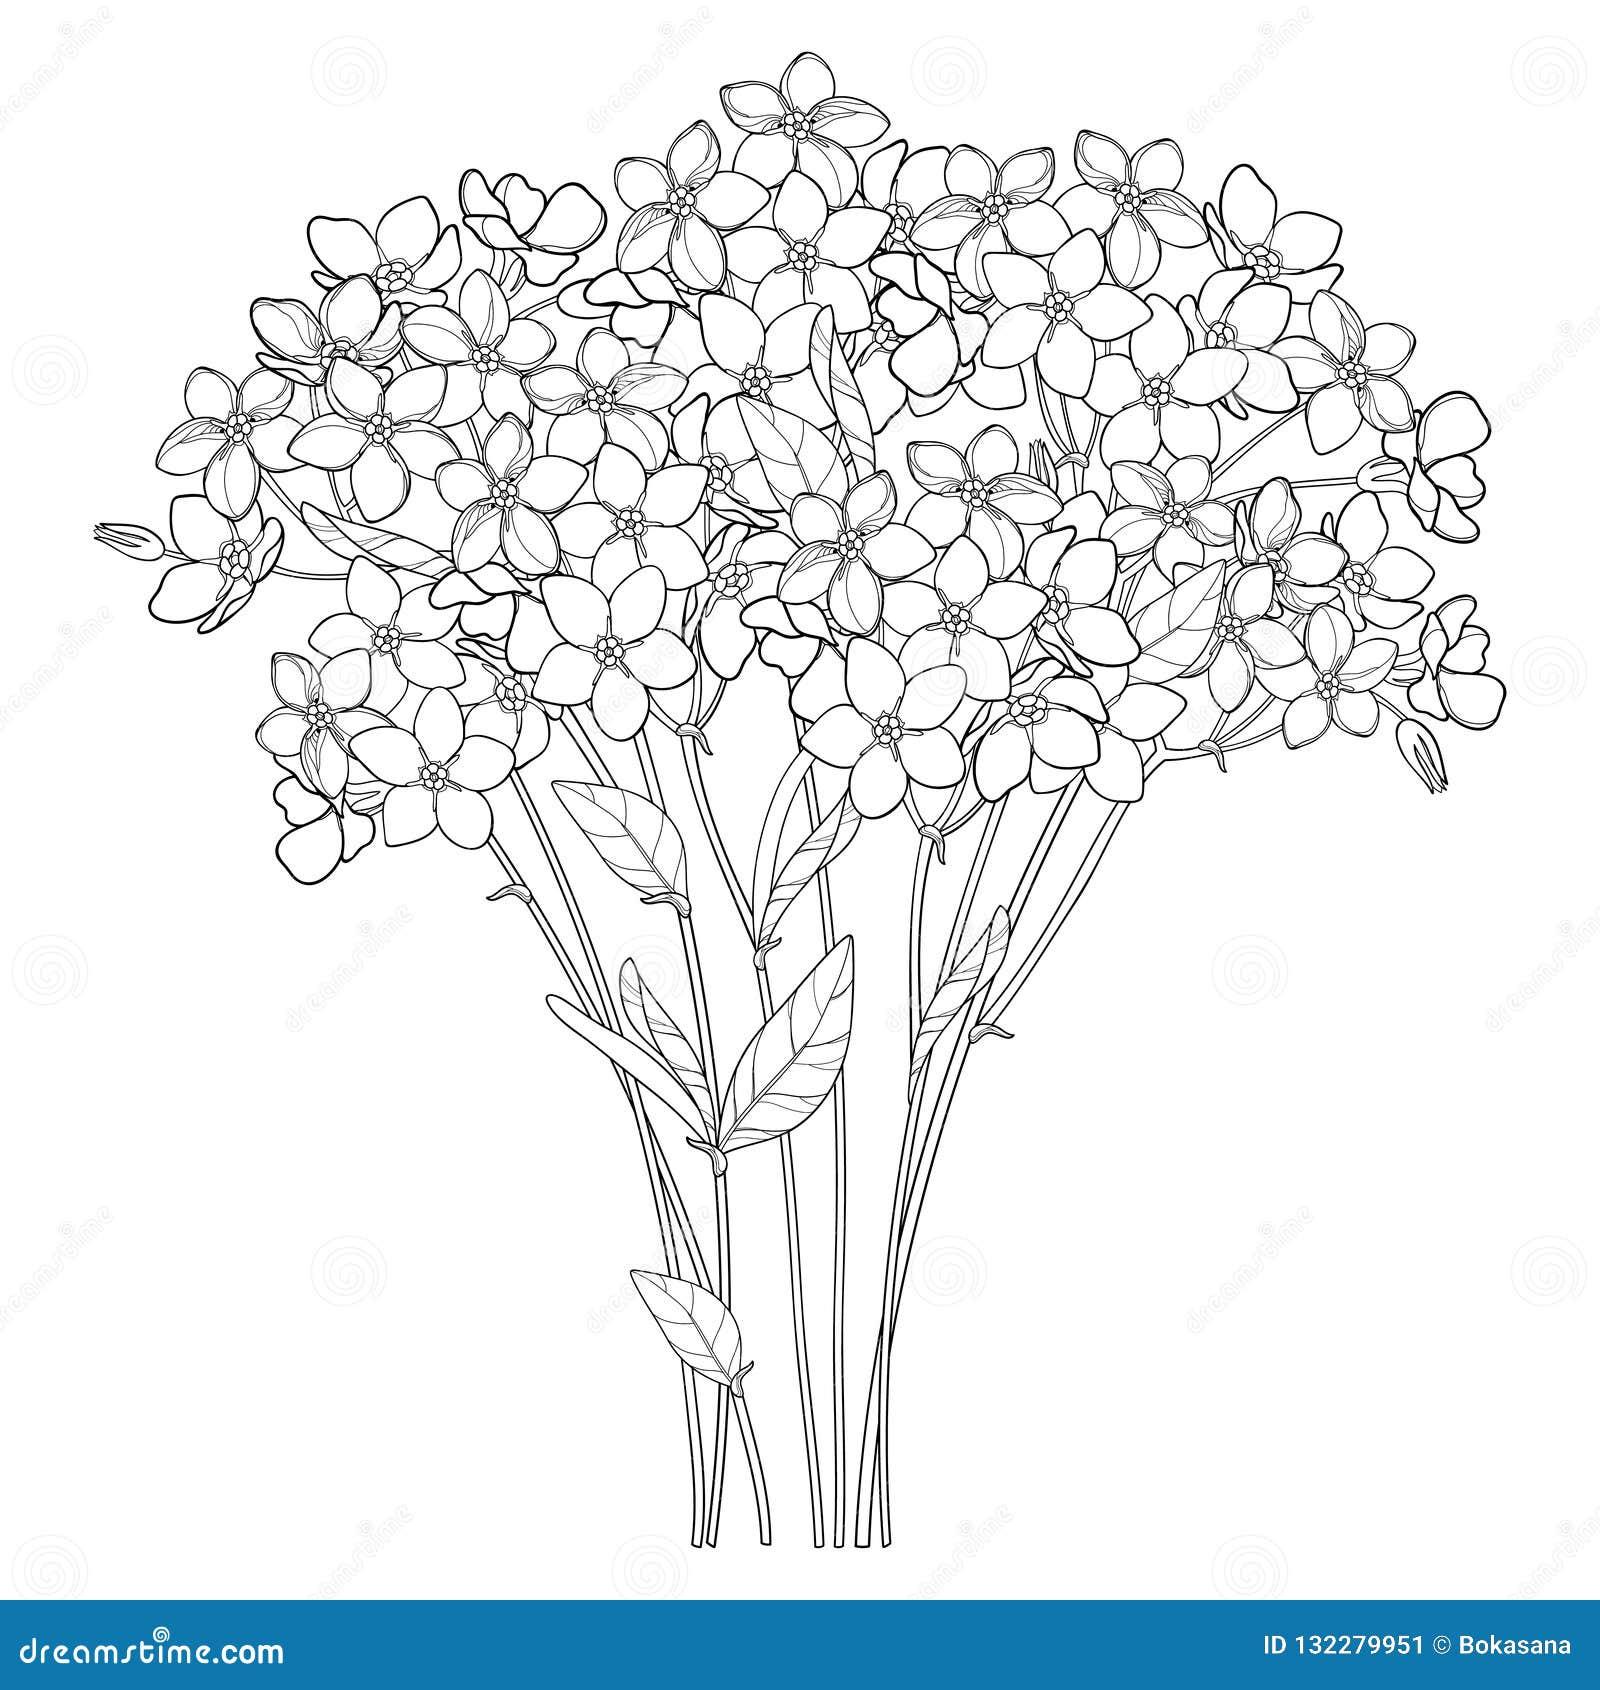 Coloriage Fleur Myosotis.Le Bouquet De Vecteur Avec Le Contour M Oublient Pas Ou Groupe De